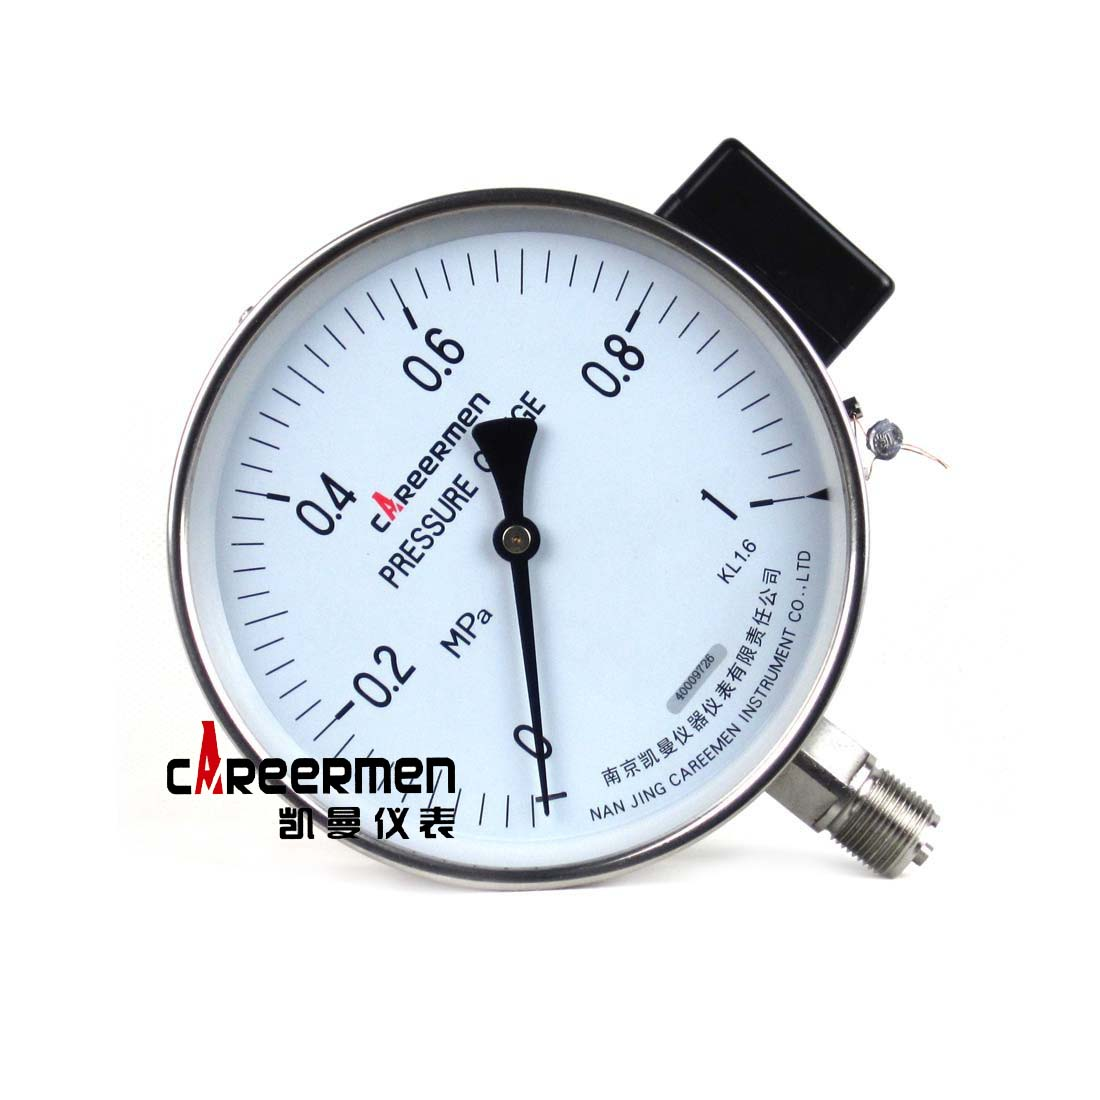 你这个配置是压力控制变频器,变频器控制供水电机,设置方法和你的具体